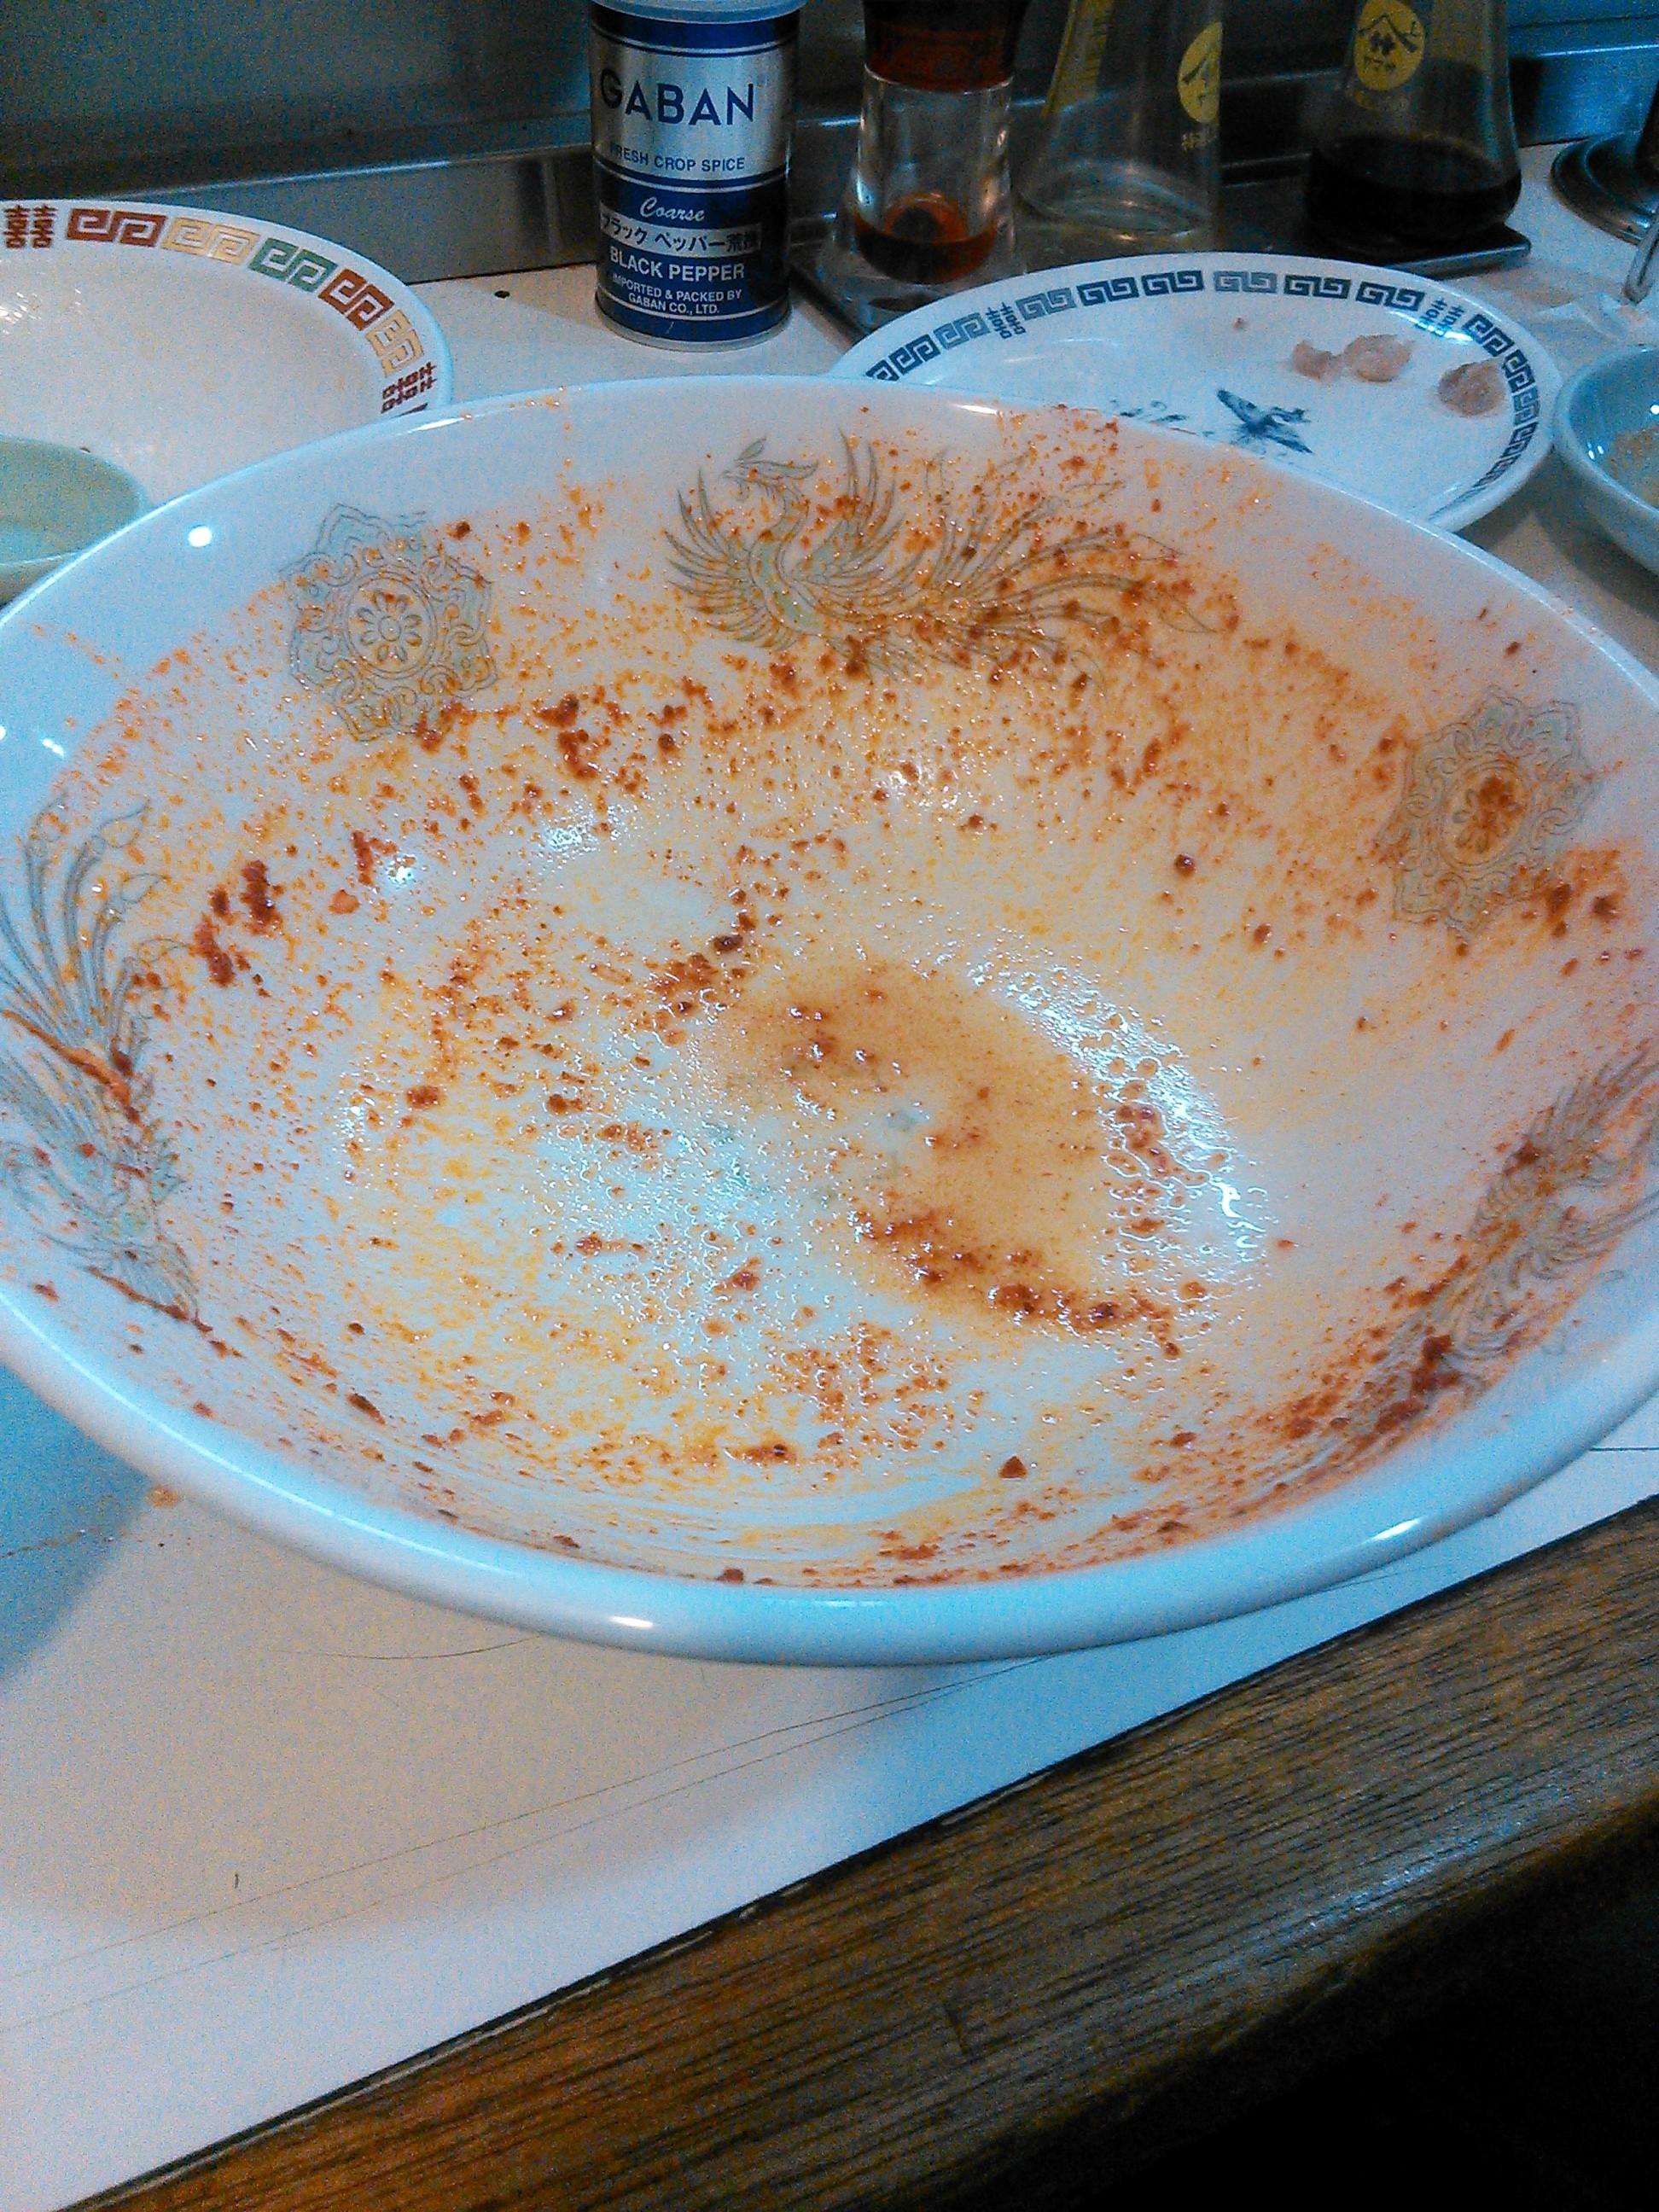 戸塚たんたんのたんたん麺を完食&スープも完飲